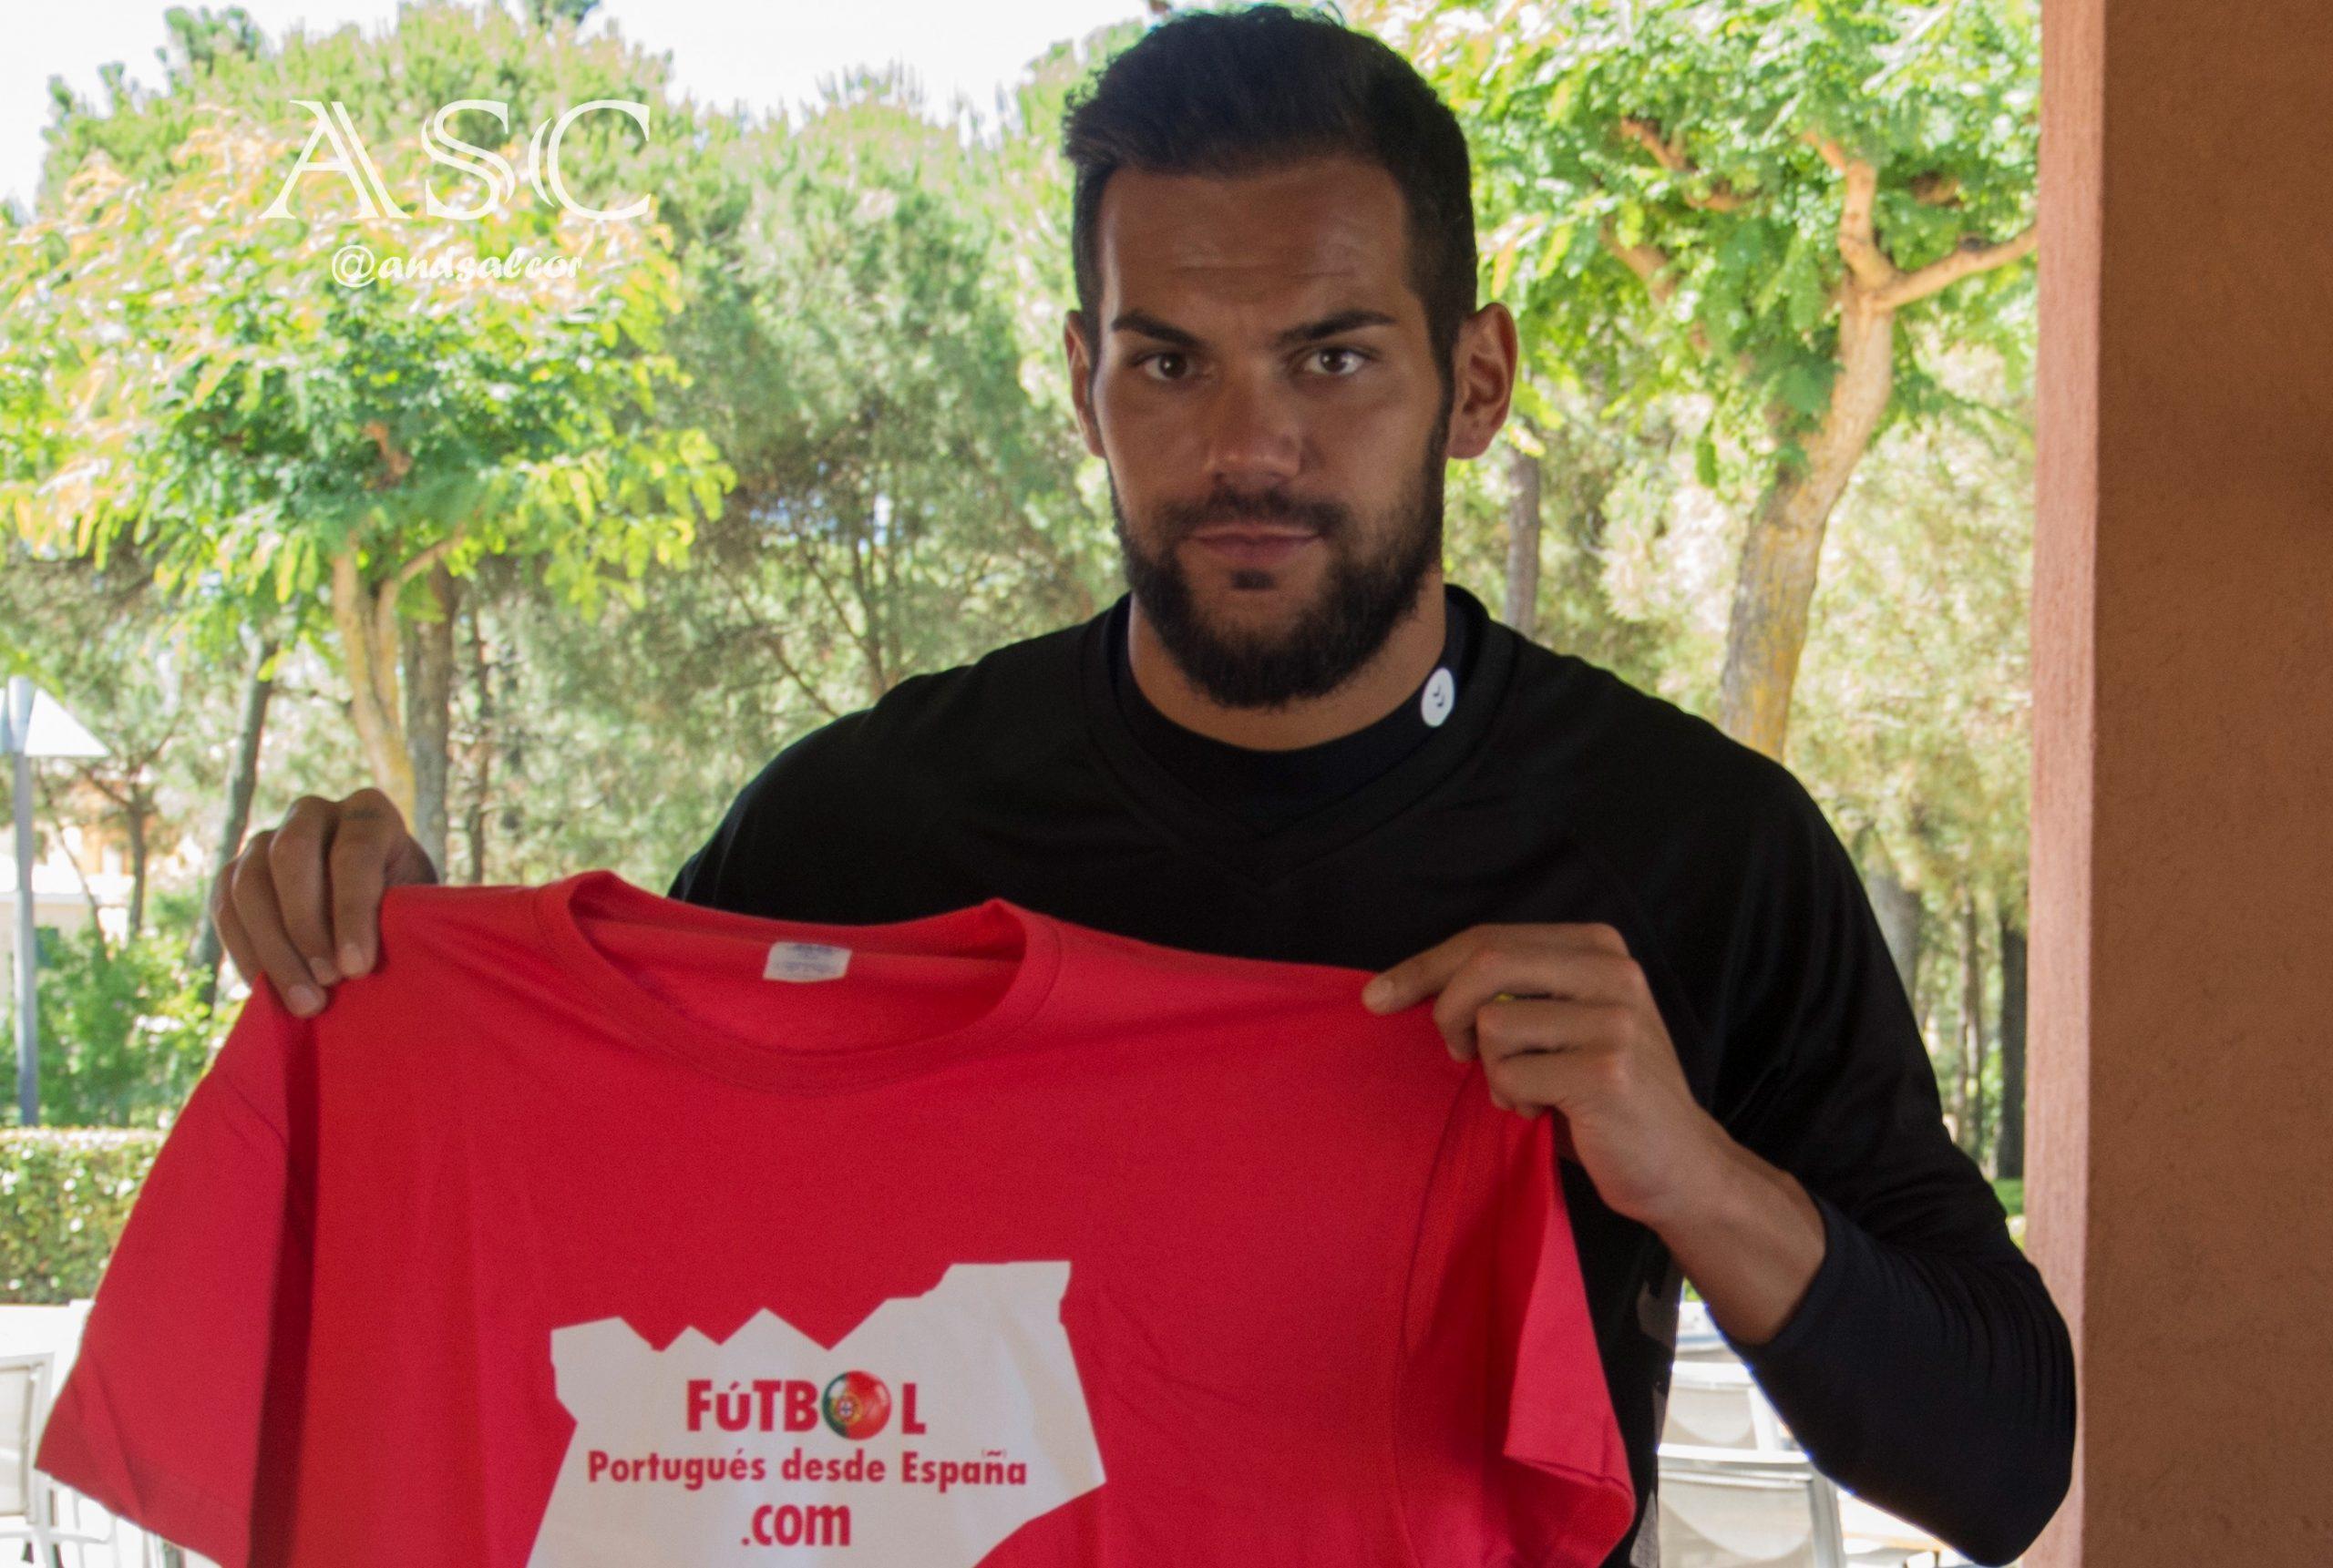 Entrevista exclusiva a Cristiano Figueiredo, guardameta portugués enrolado en Vitoria FC, equipo con el que disputará la Liga NOS por segunda temporada consecutiva.